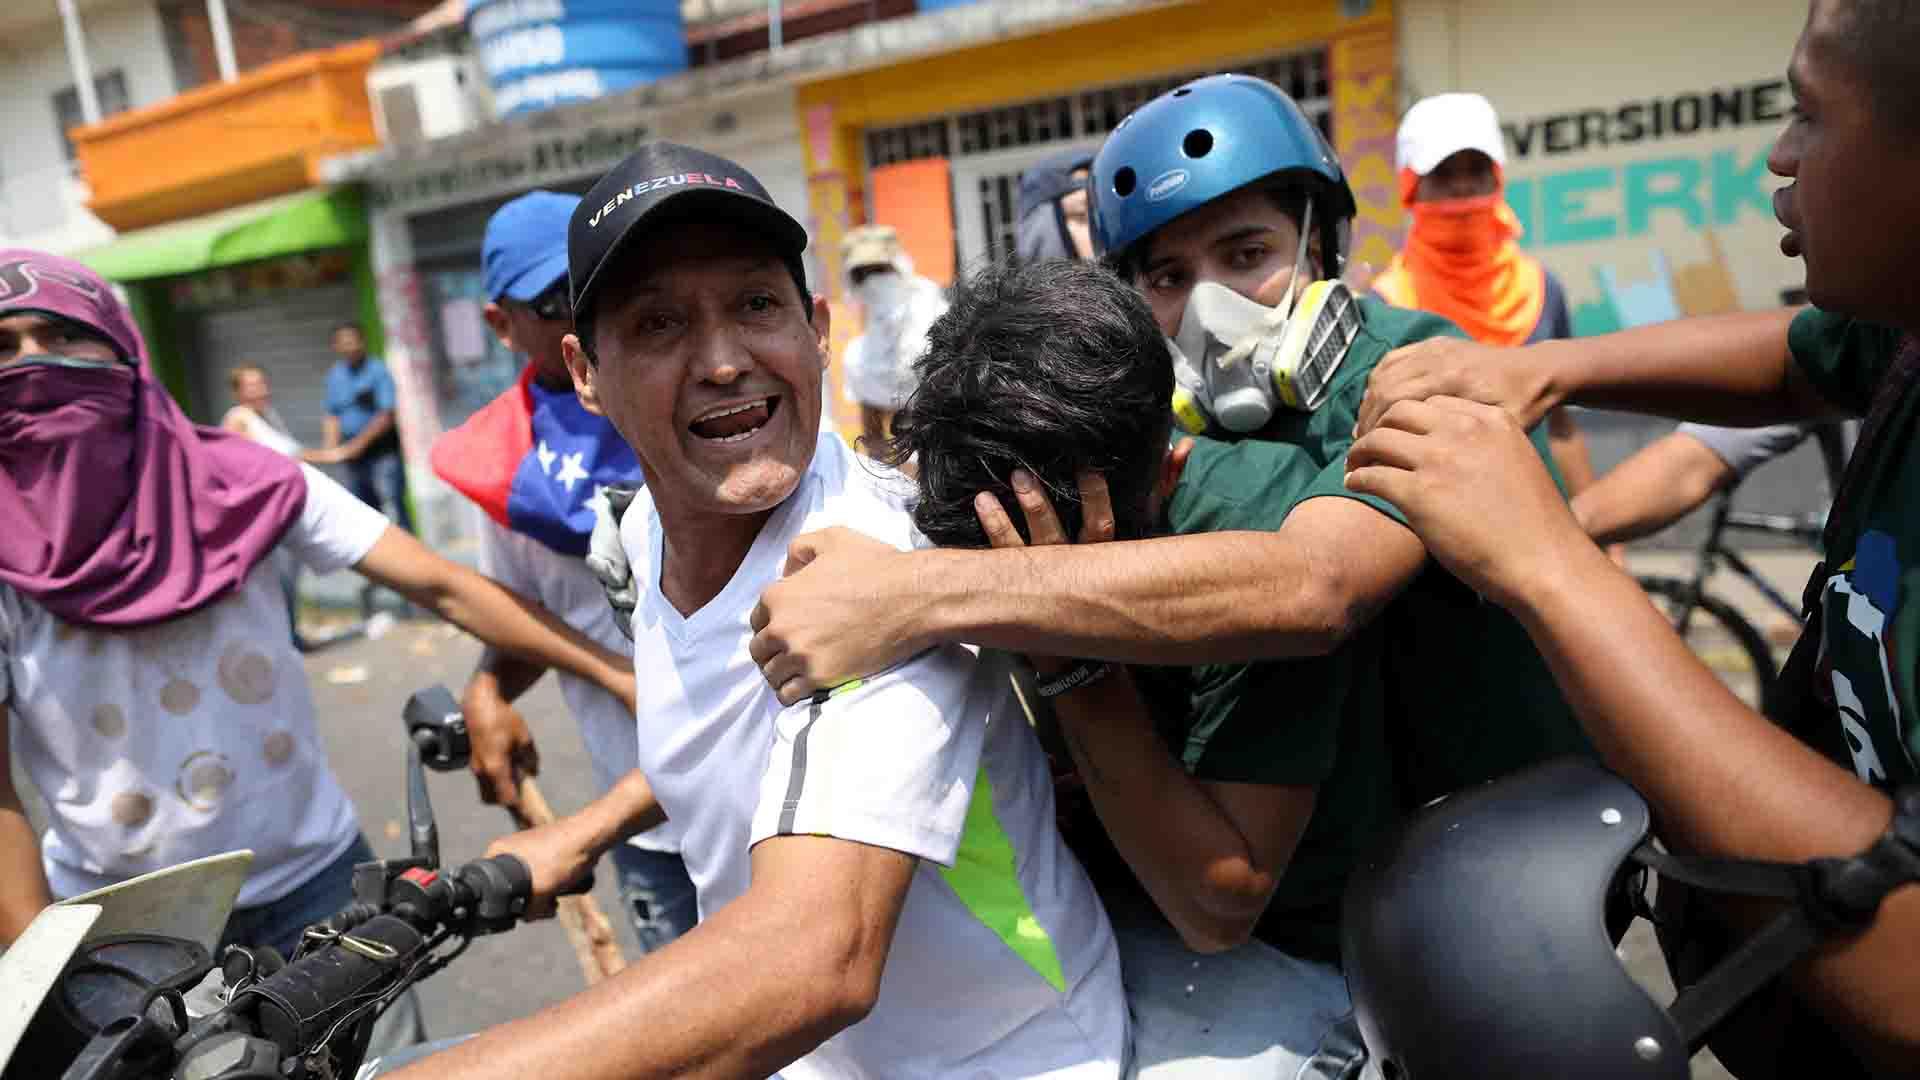 Un manifestante es asistido por otros tras la represión en Ureña, frontera con Colombia (Reuters)